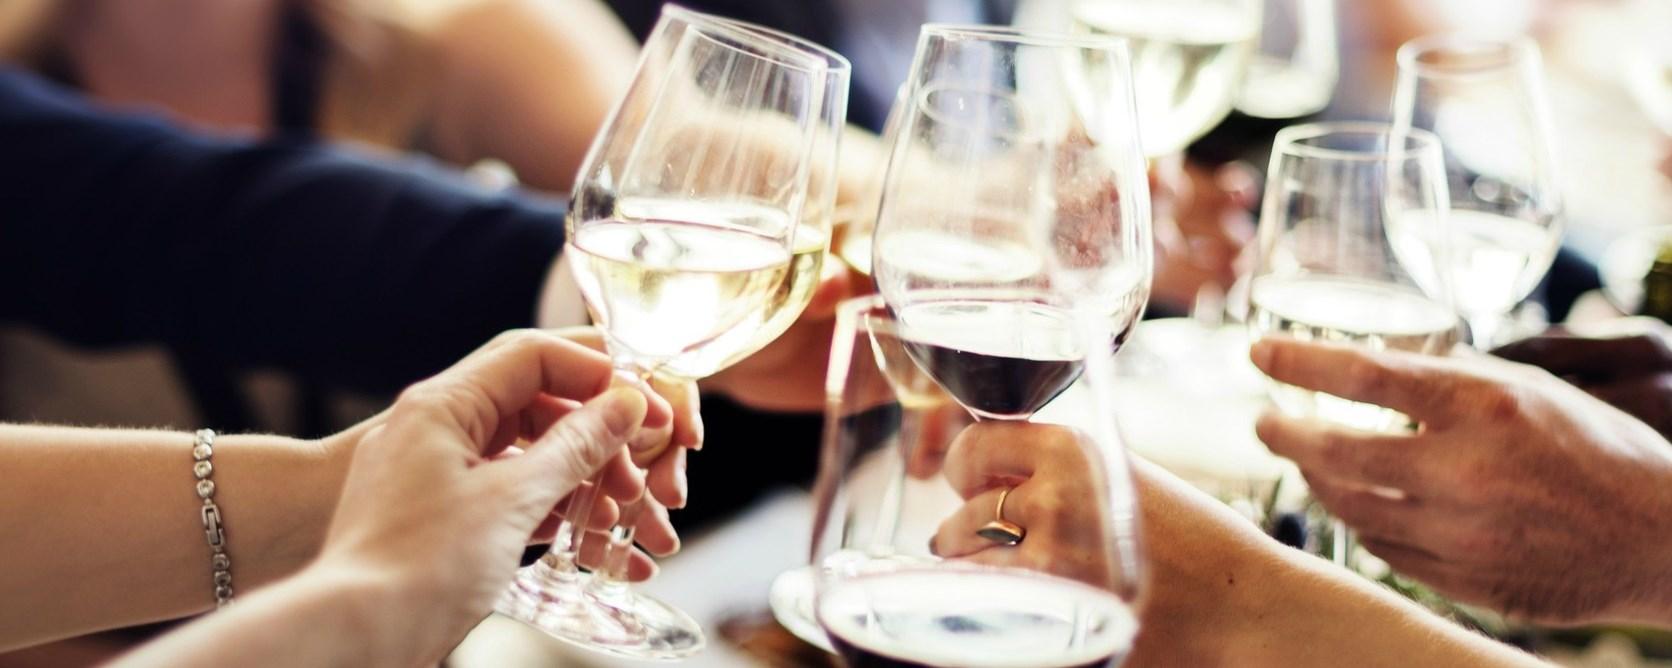 Hogyan kell borospohárral koccintani